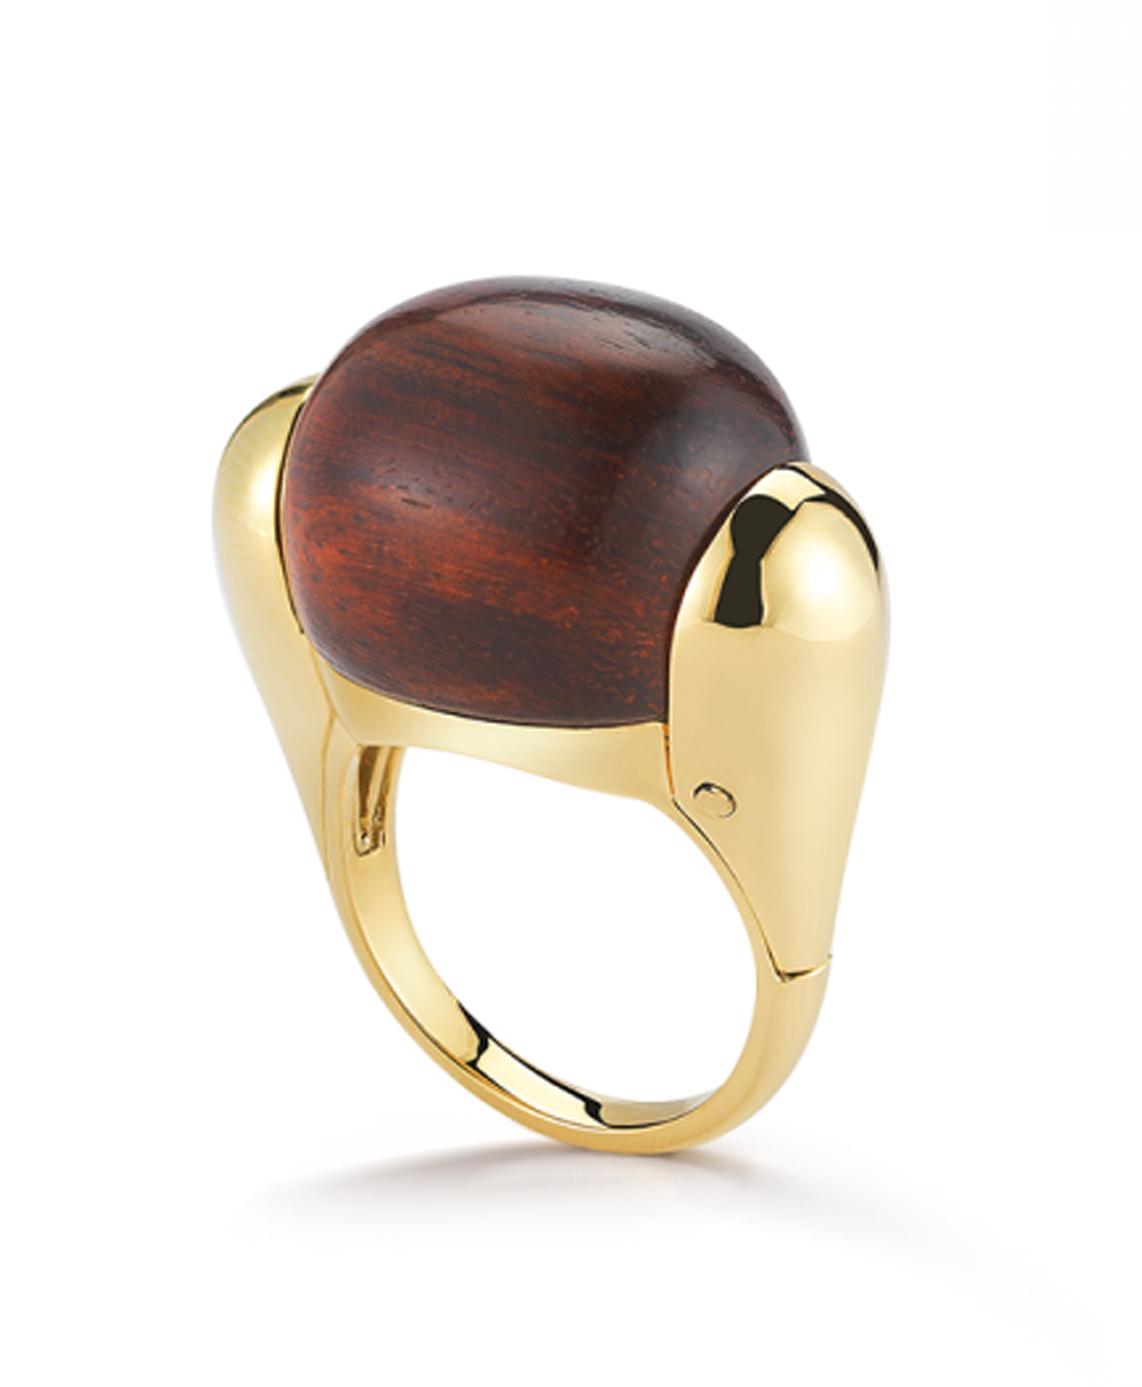 Seaman-ScheppsGolf-Ball-Ring-Rosewood1-570x750.png